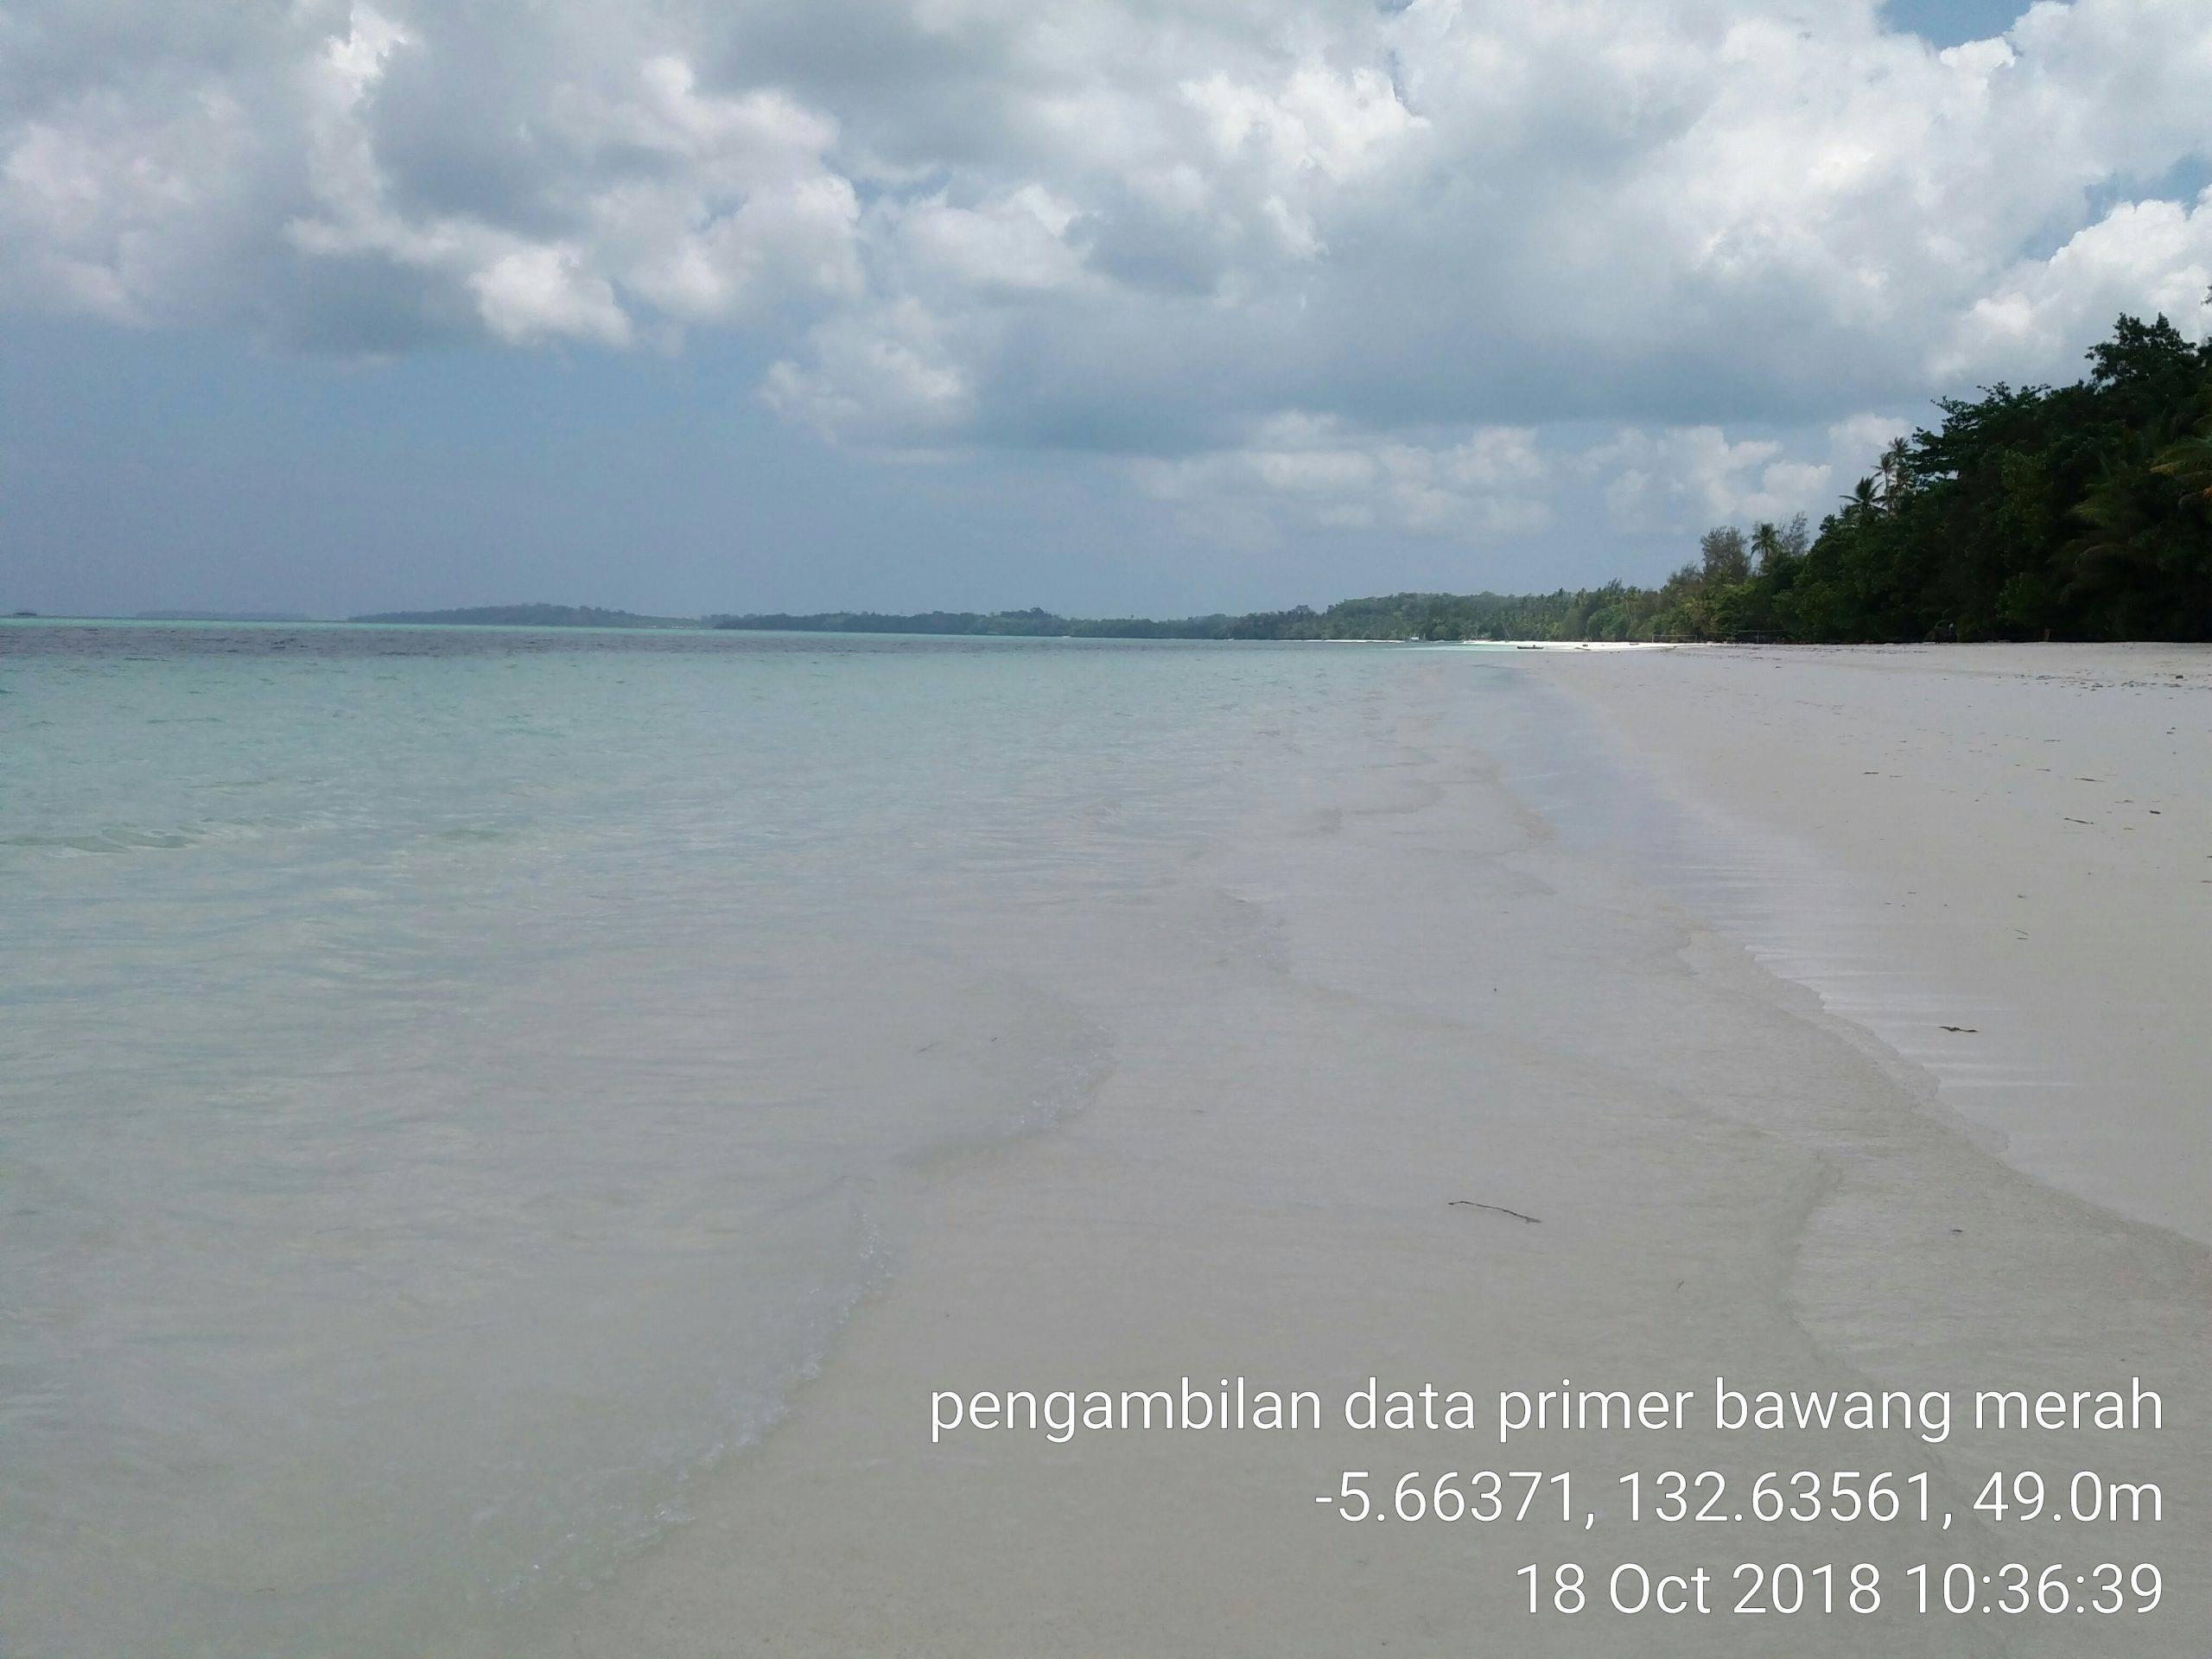 menikmati pantai setelah penelitian bawang merah